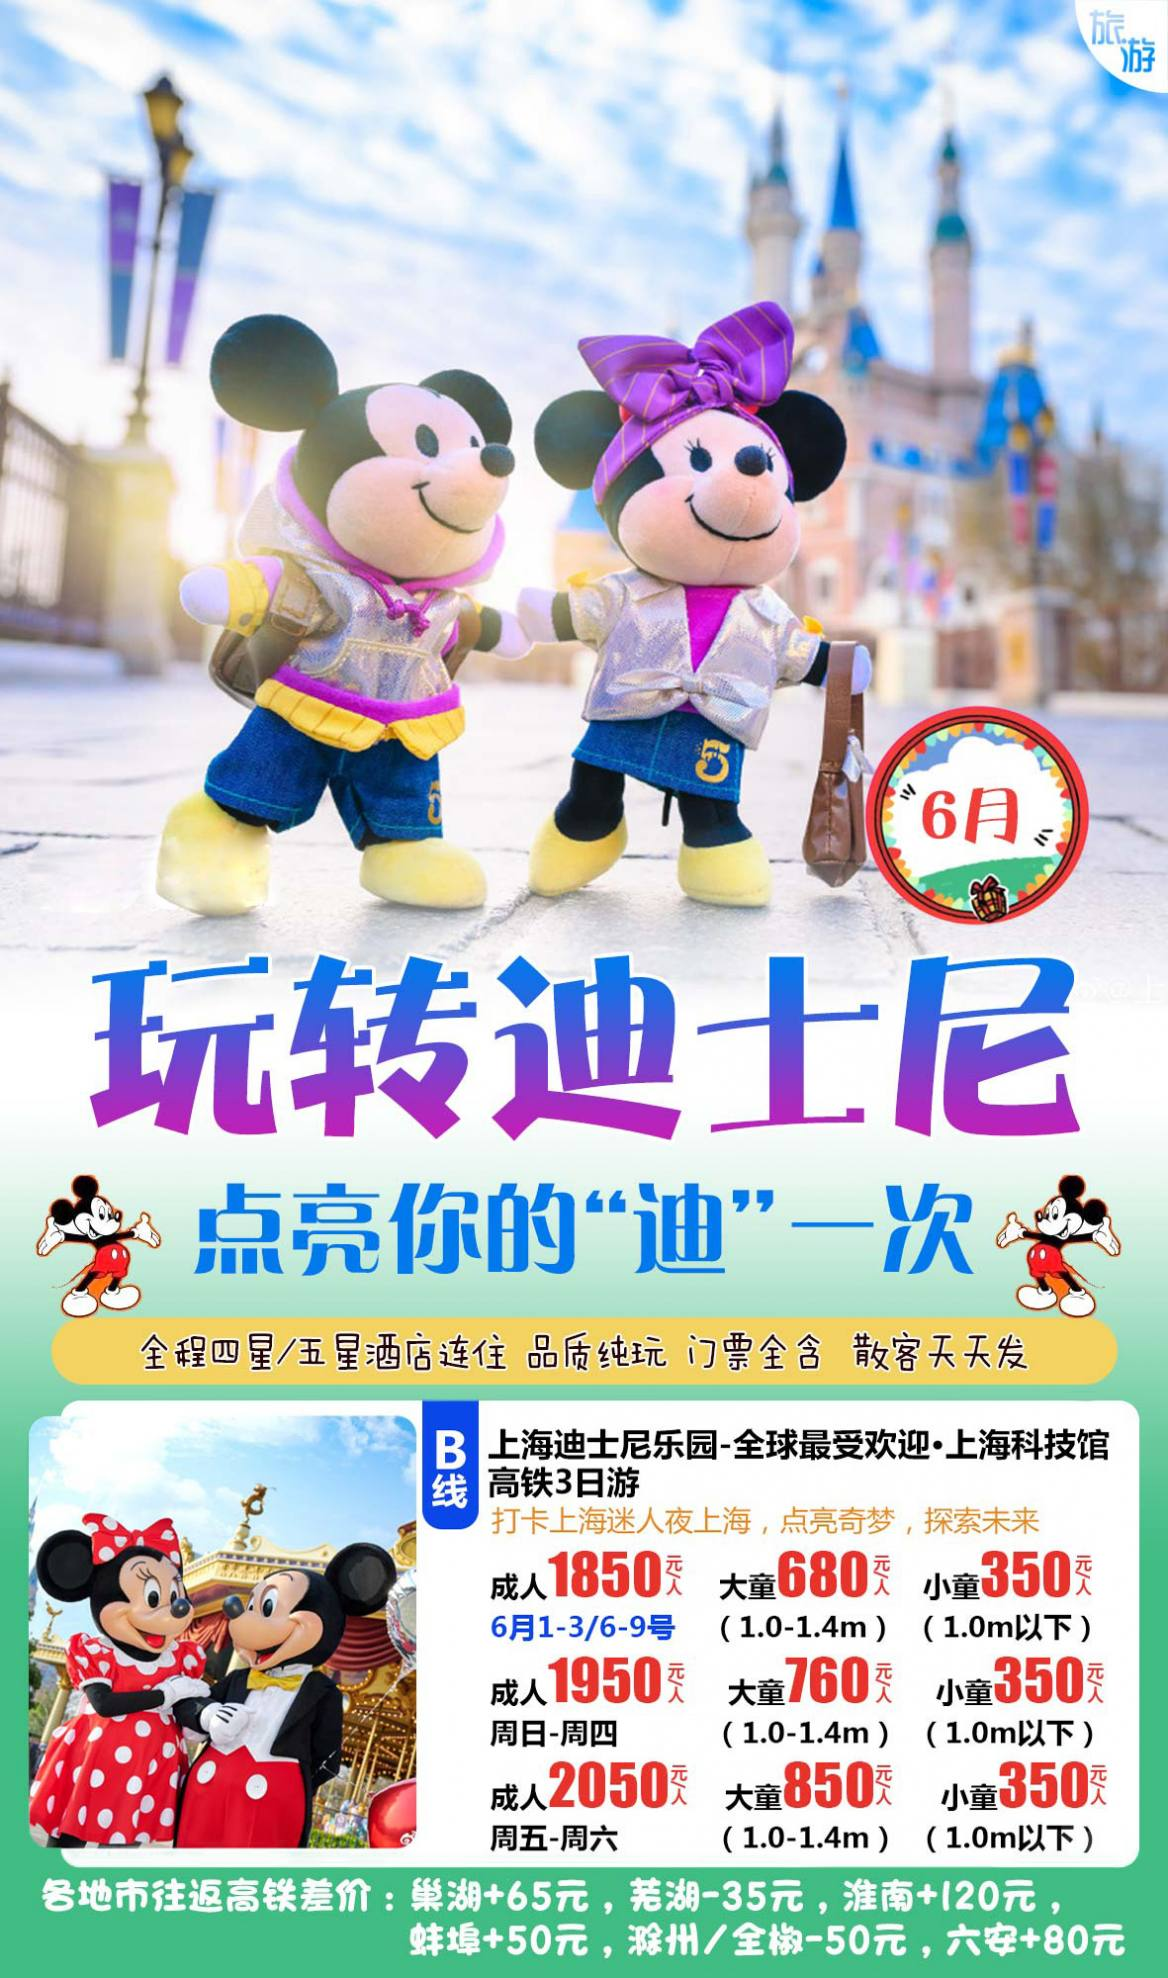 合肥到上海迪士尼高铁旅游